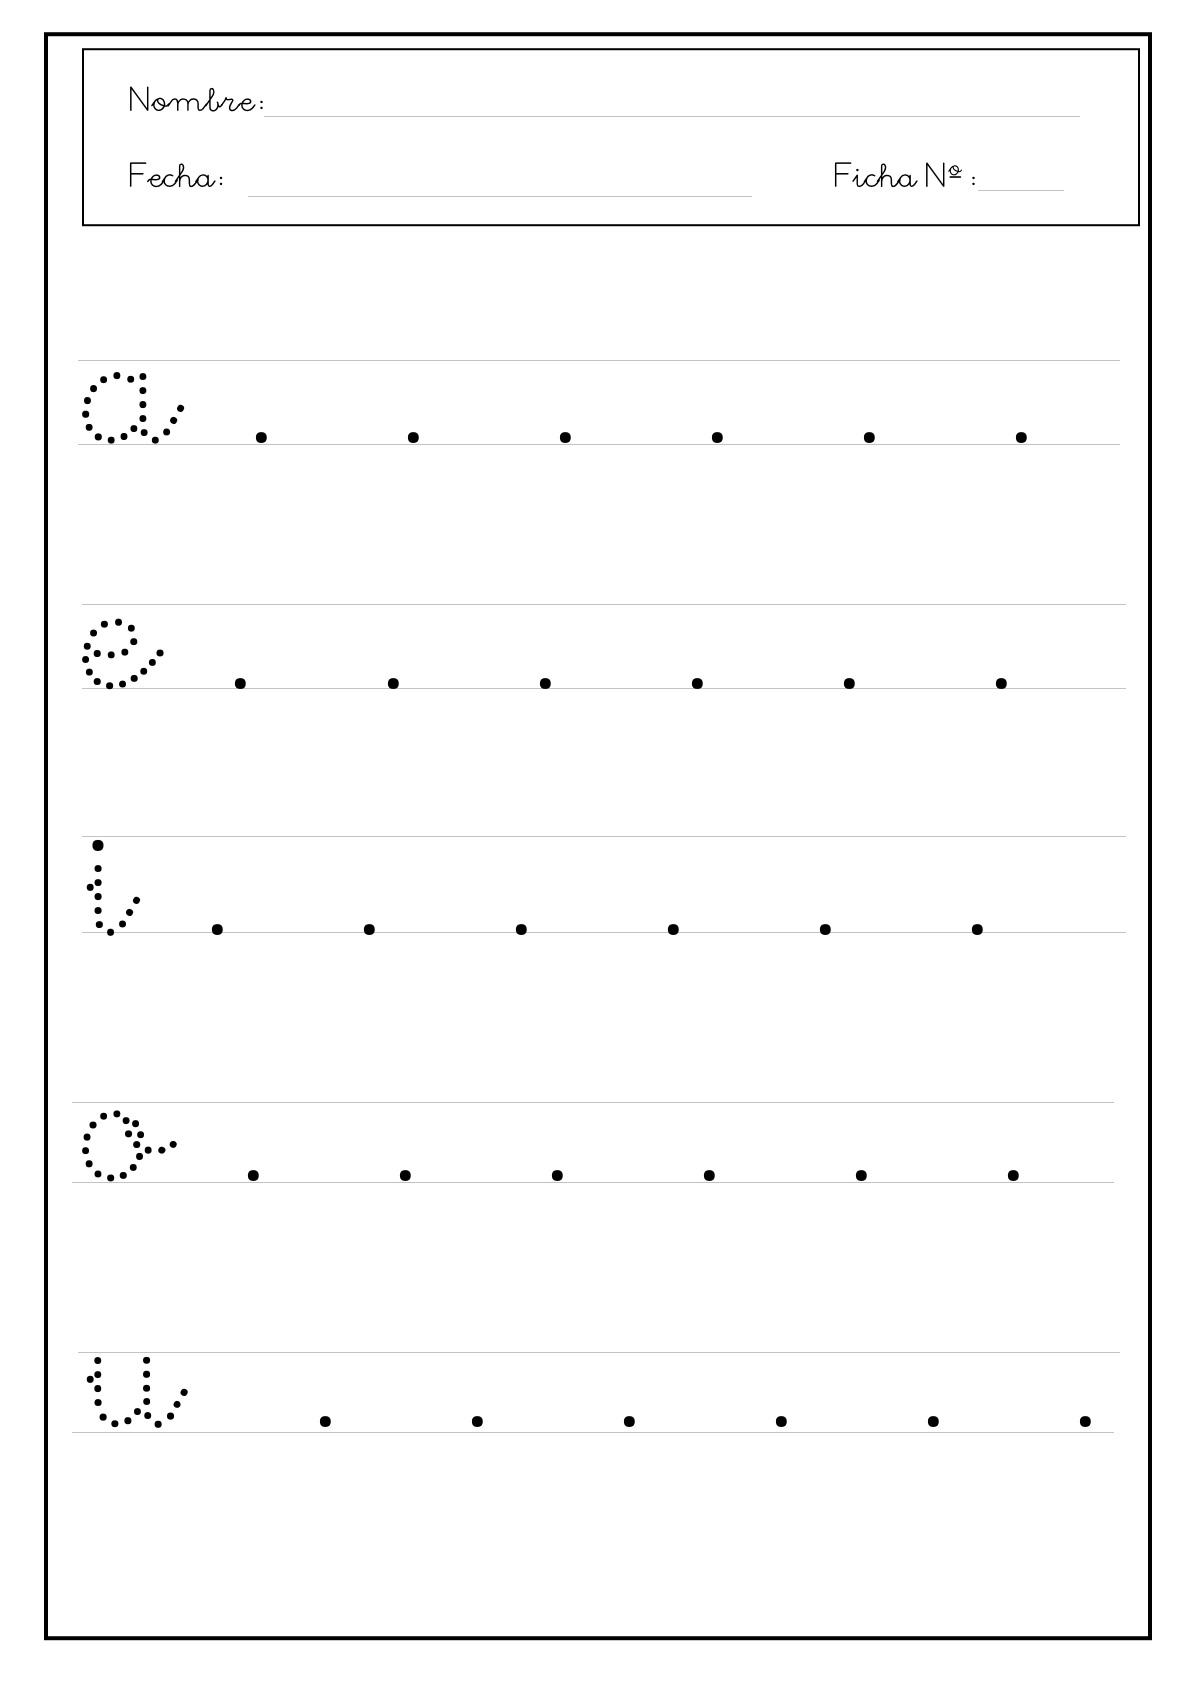 ... http://www.escuelaenlanube.com/grafomotricidad-con-vocales/vocales24